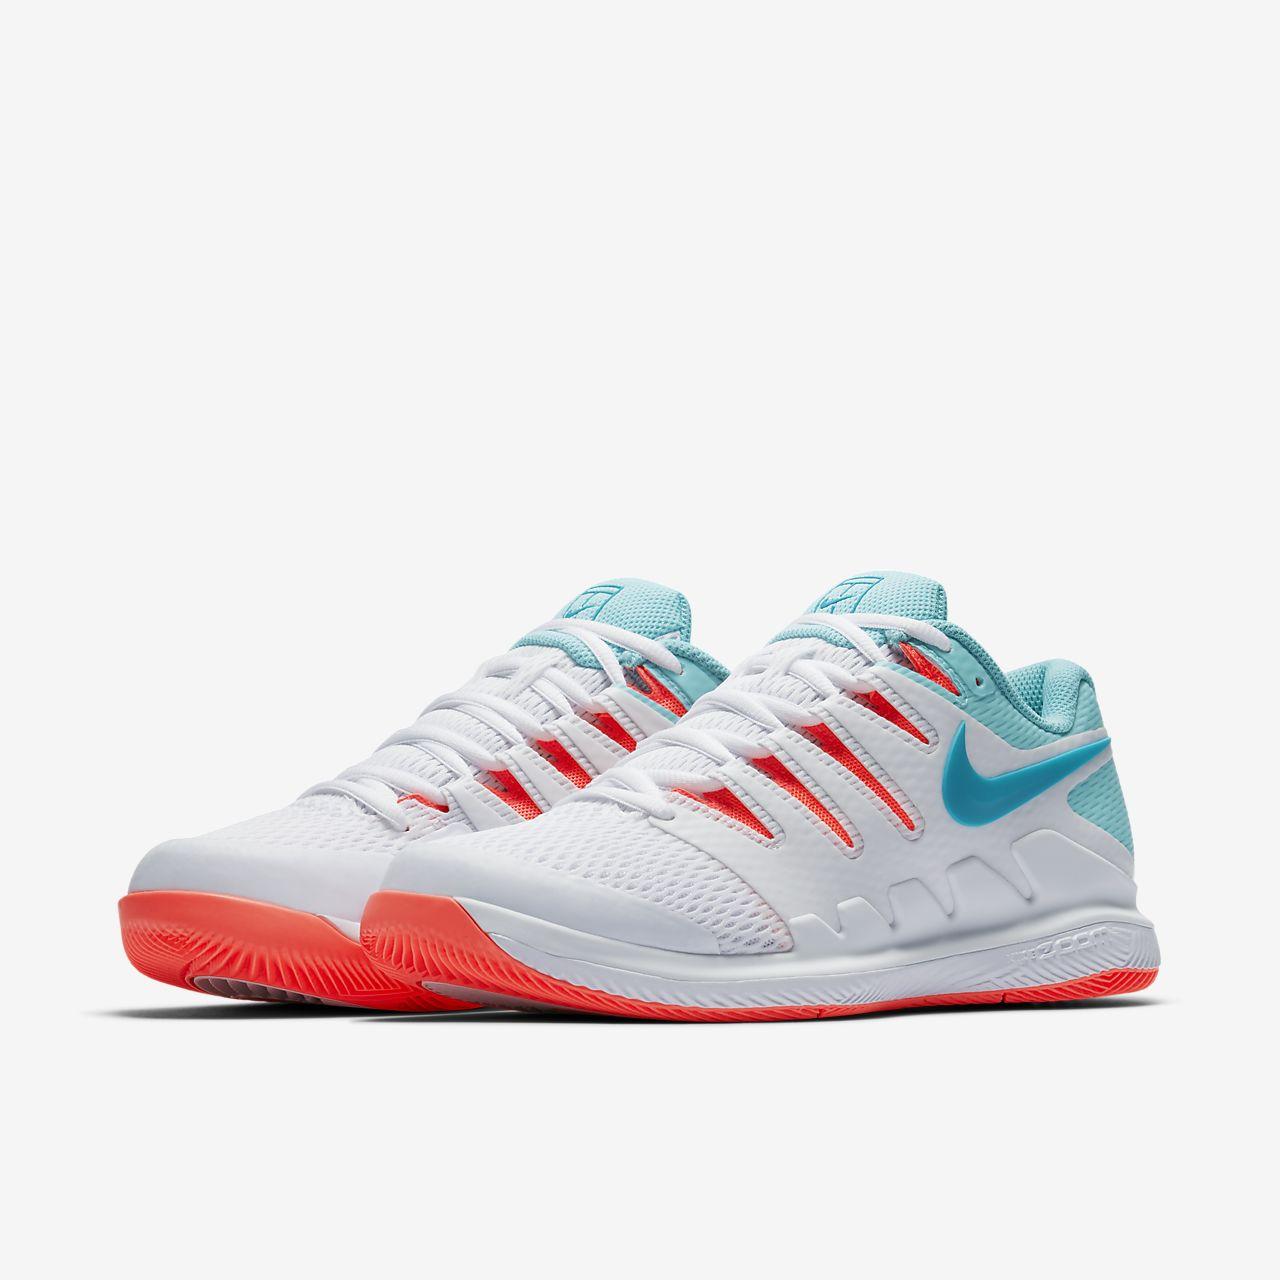 Nike Zoom Vapor Flyknit Women S Tennis Shoe